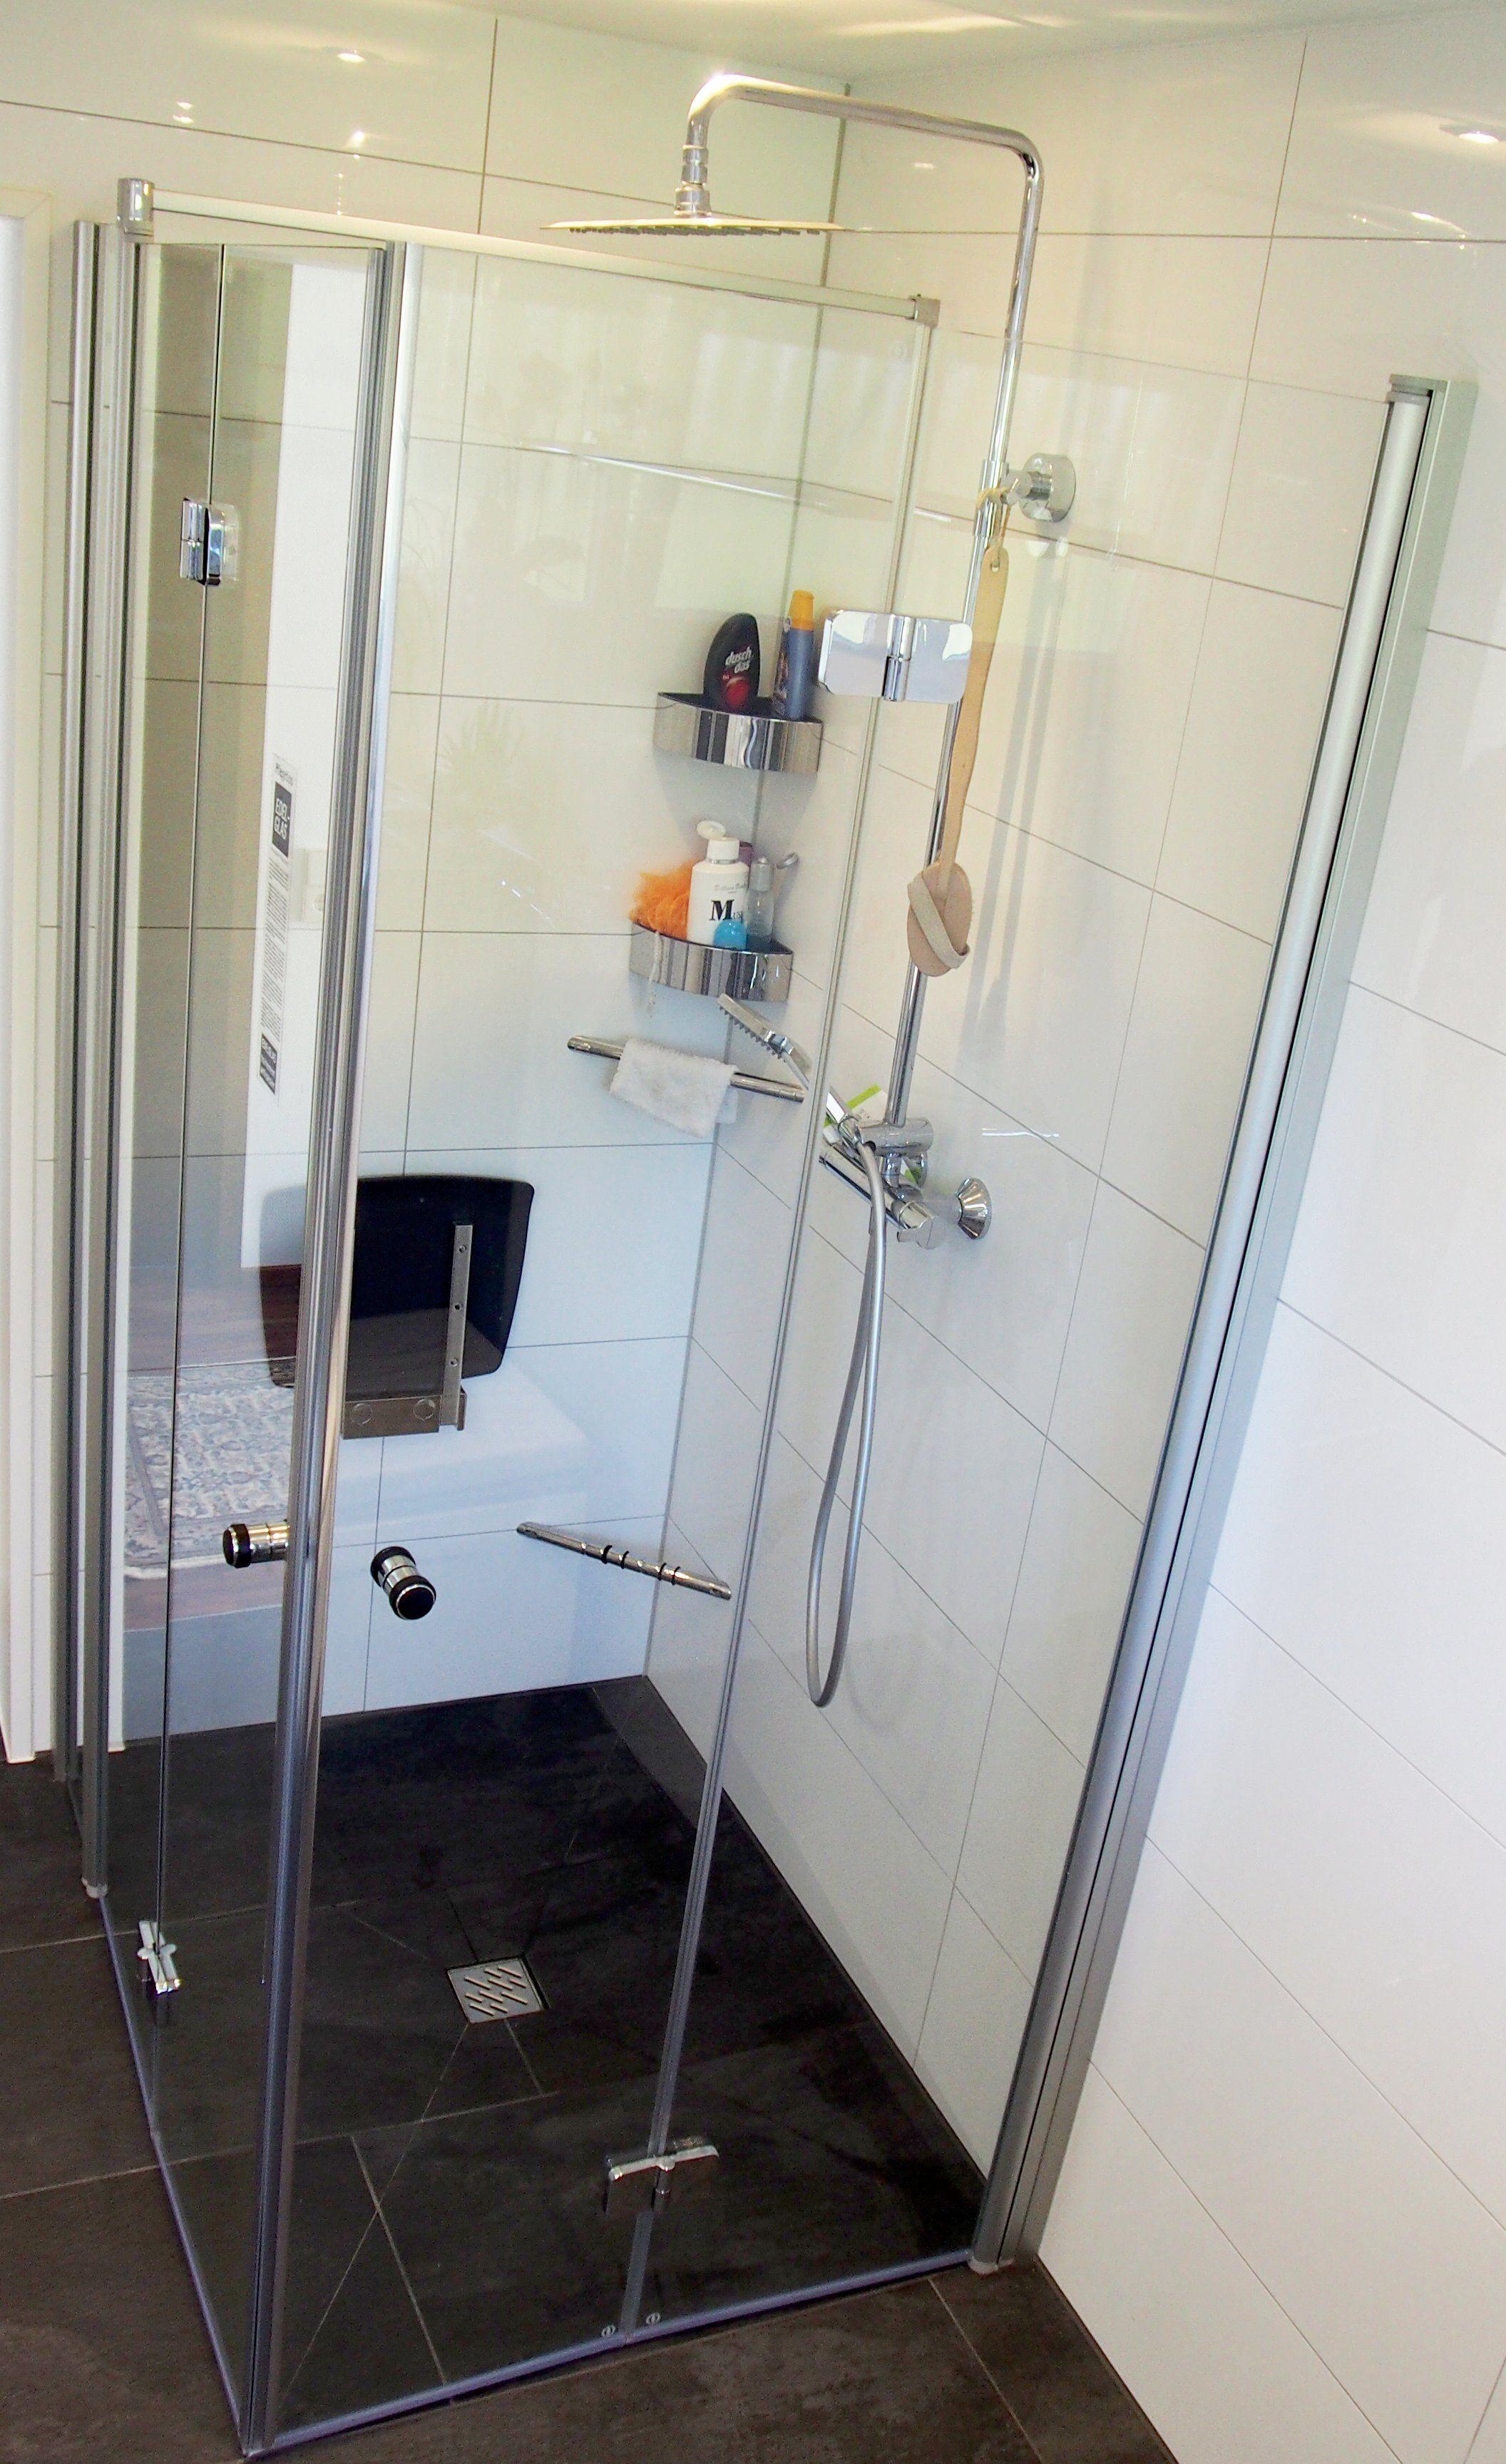 Seniorengerechtes Bad In Naturtonen Duschsitz Badezimmer Und Bad